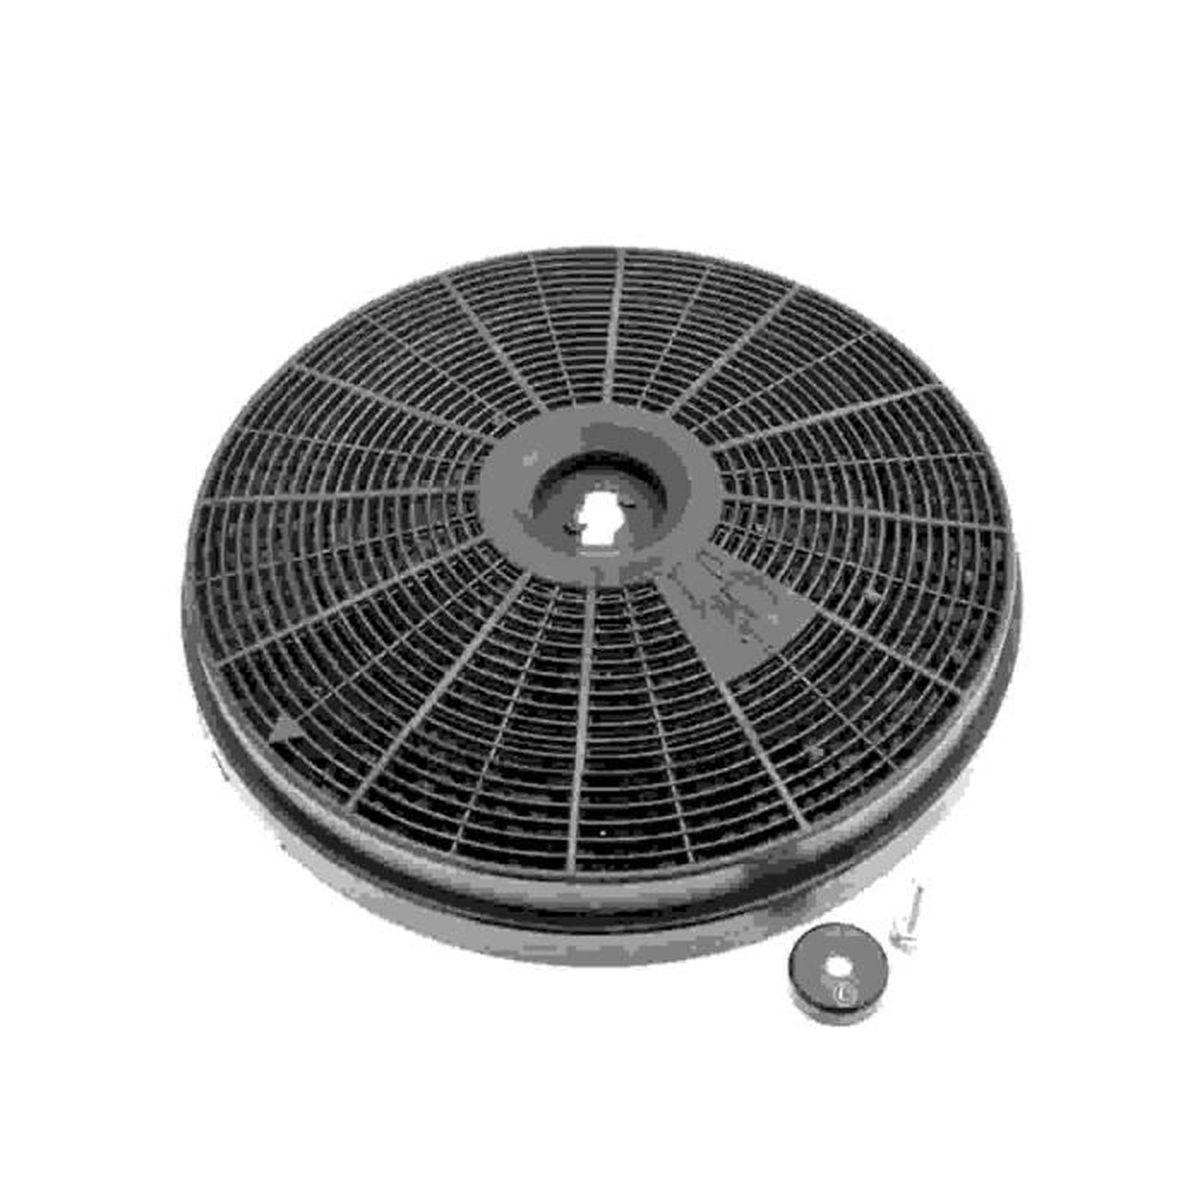 filtre charbon rond (20x2,8cm) (a l'unite) pour hotte bosch, siemens